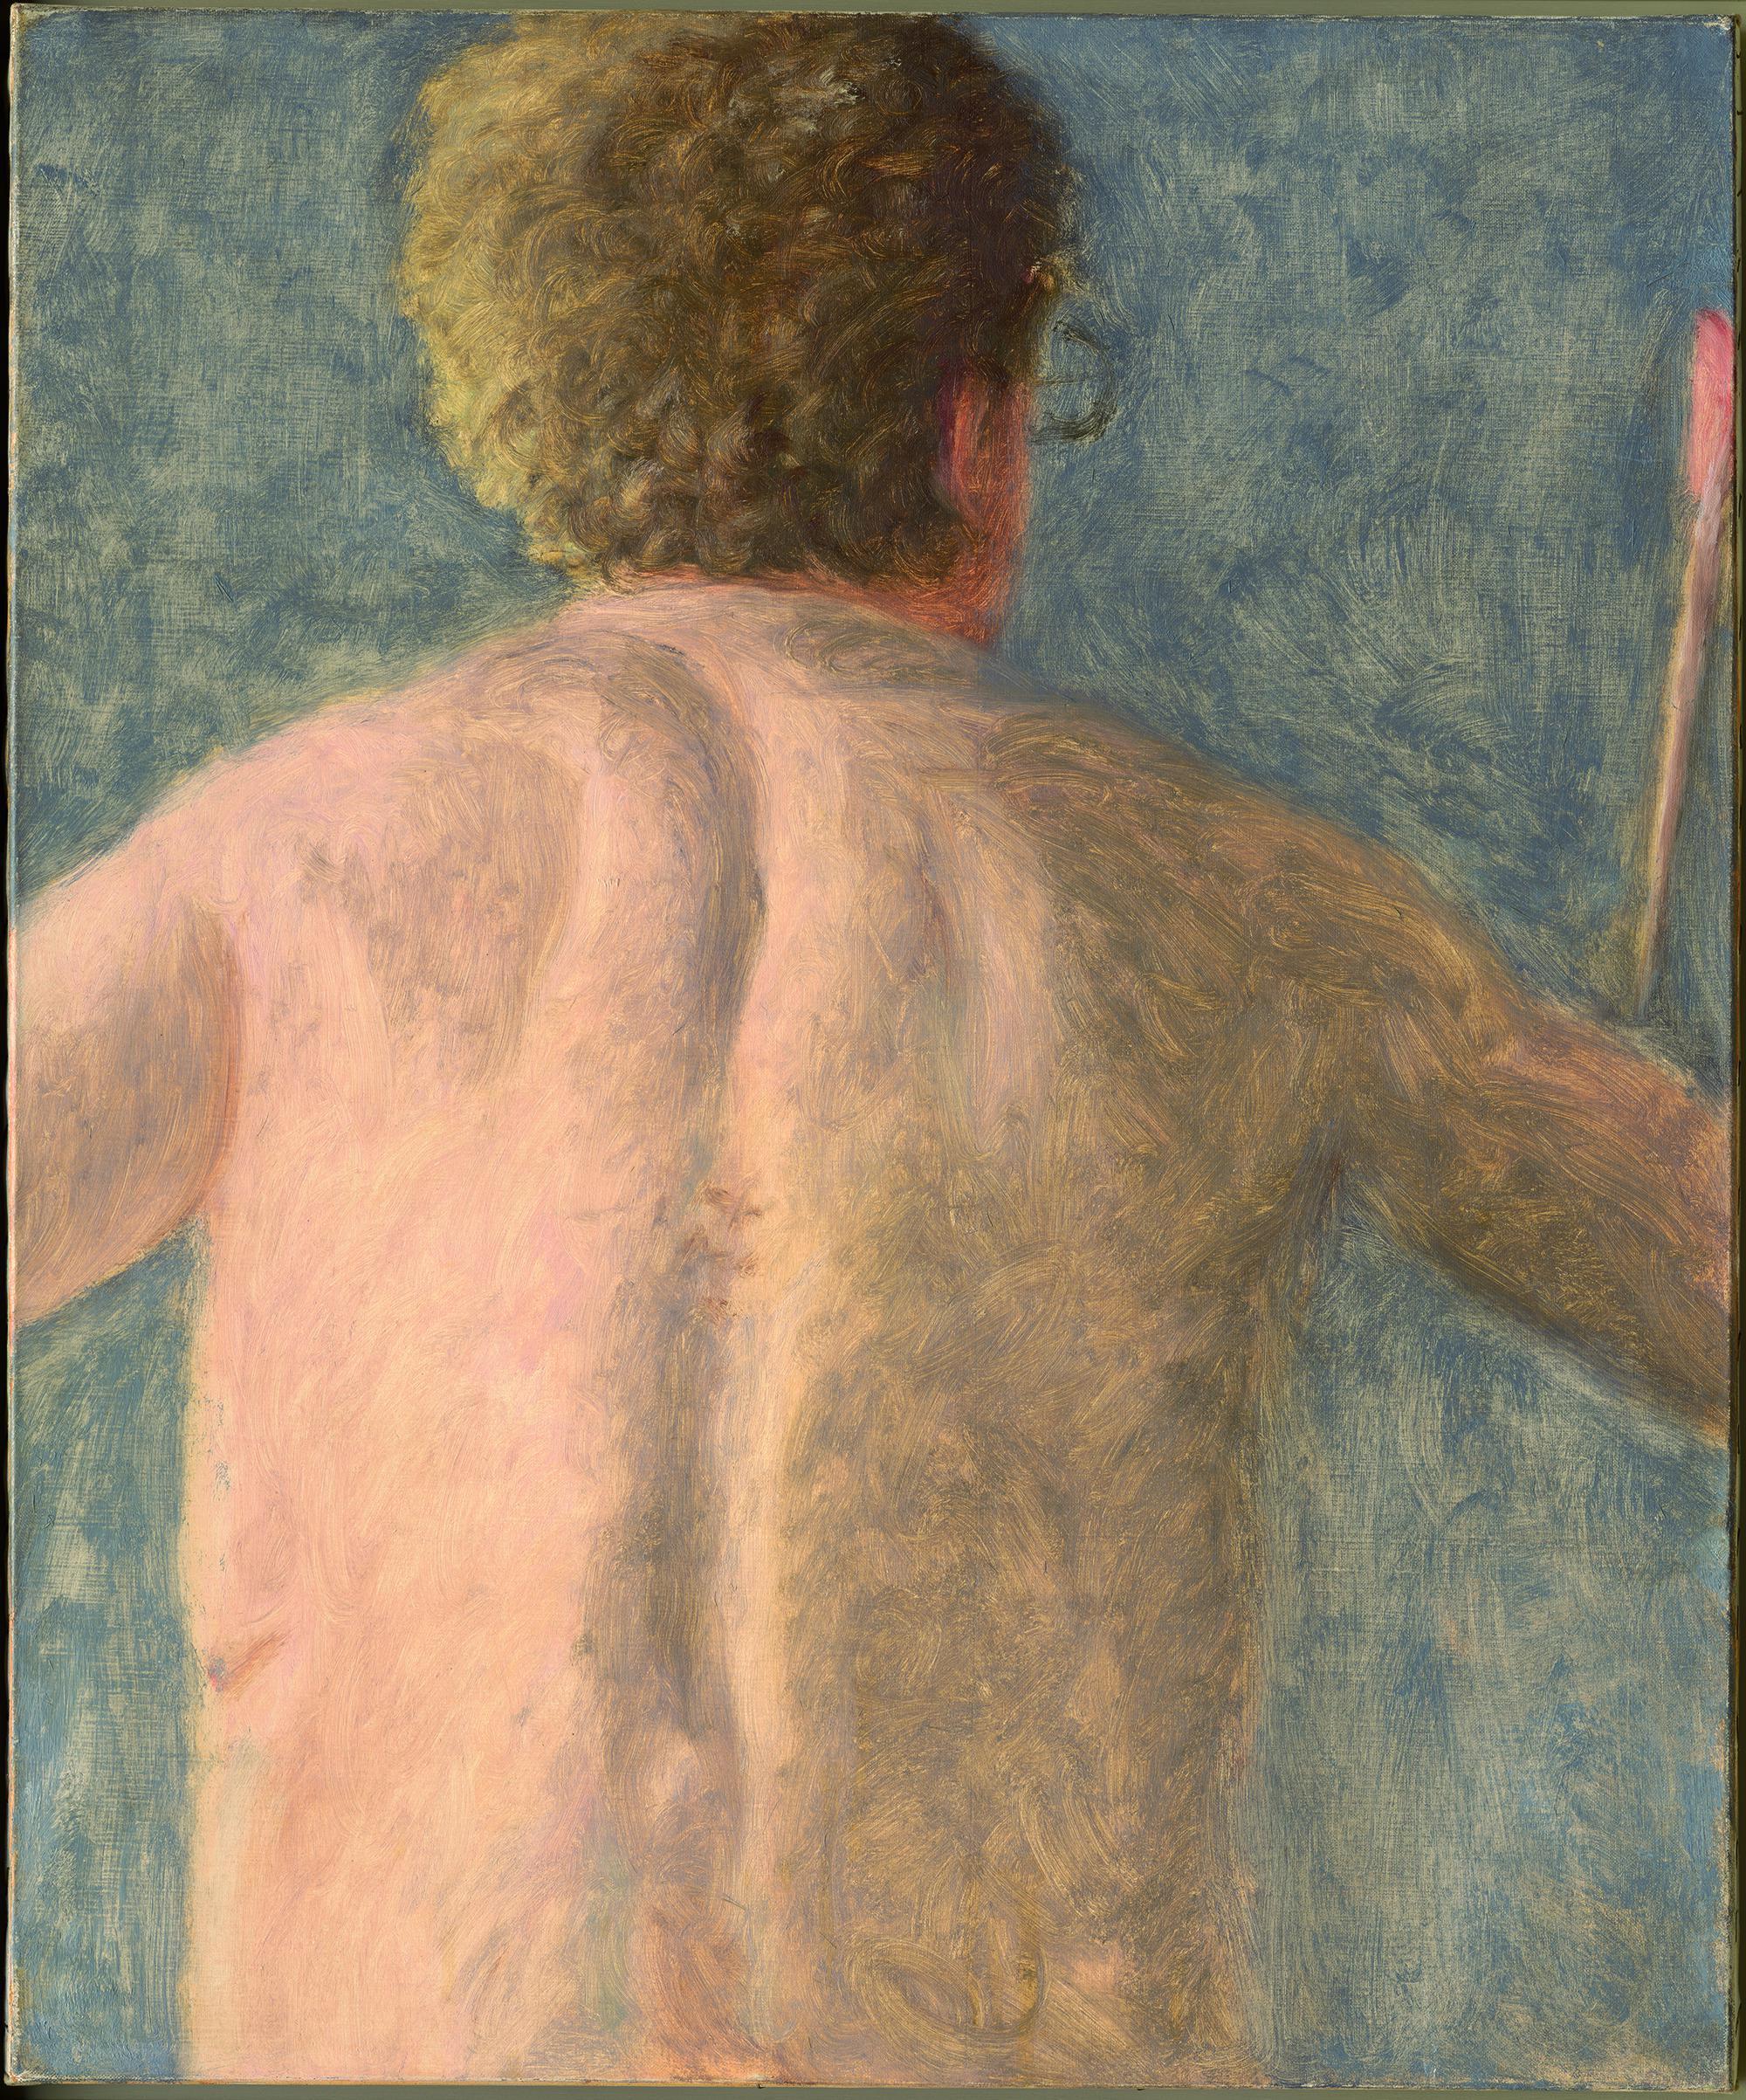 背部自画像,阿维格多·阿利卡,布面油画65×54cm,1981